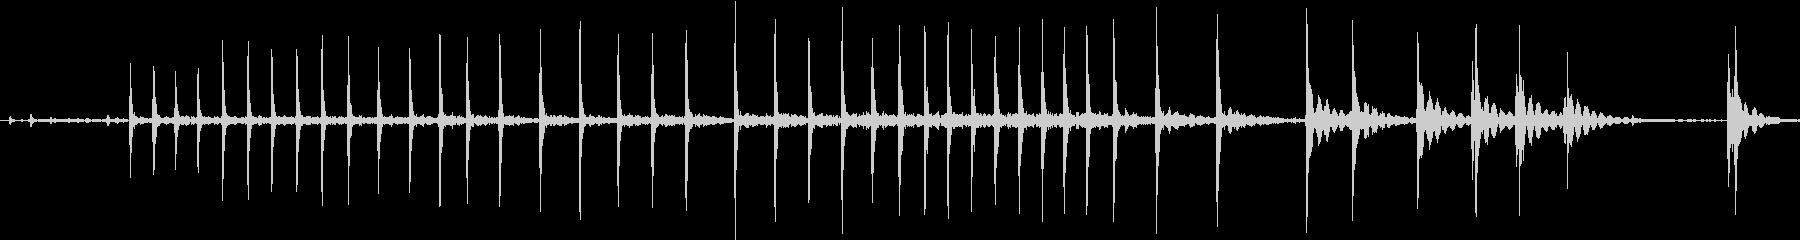 ミディアムウッドブランチの未再生の波形